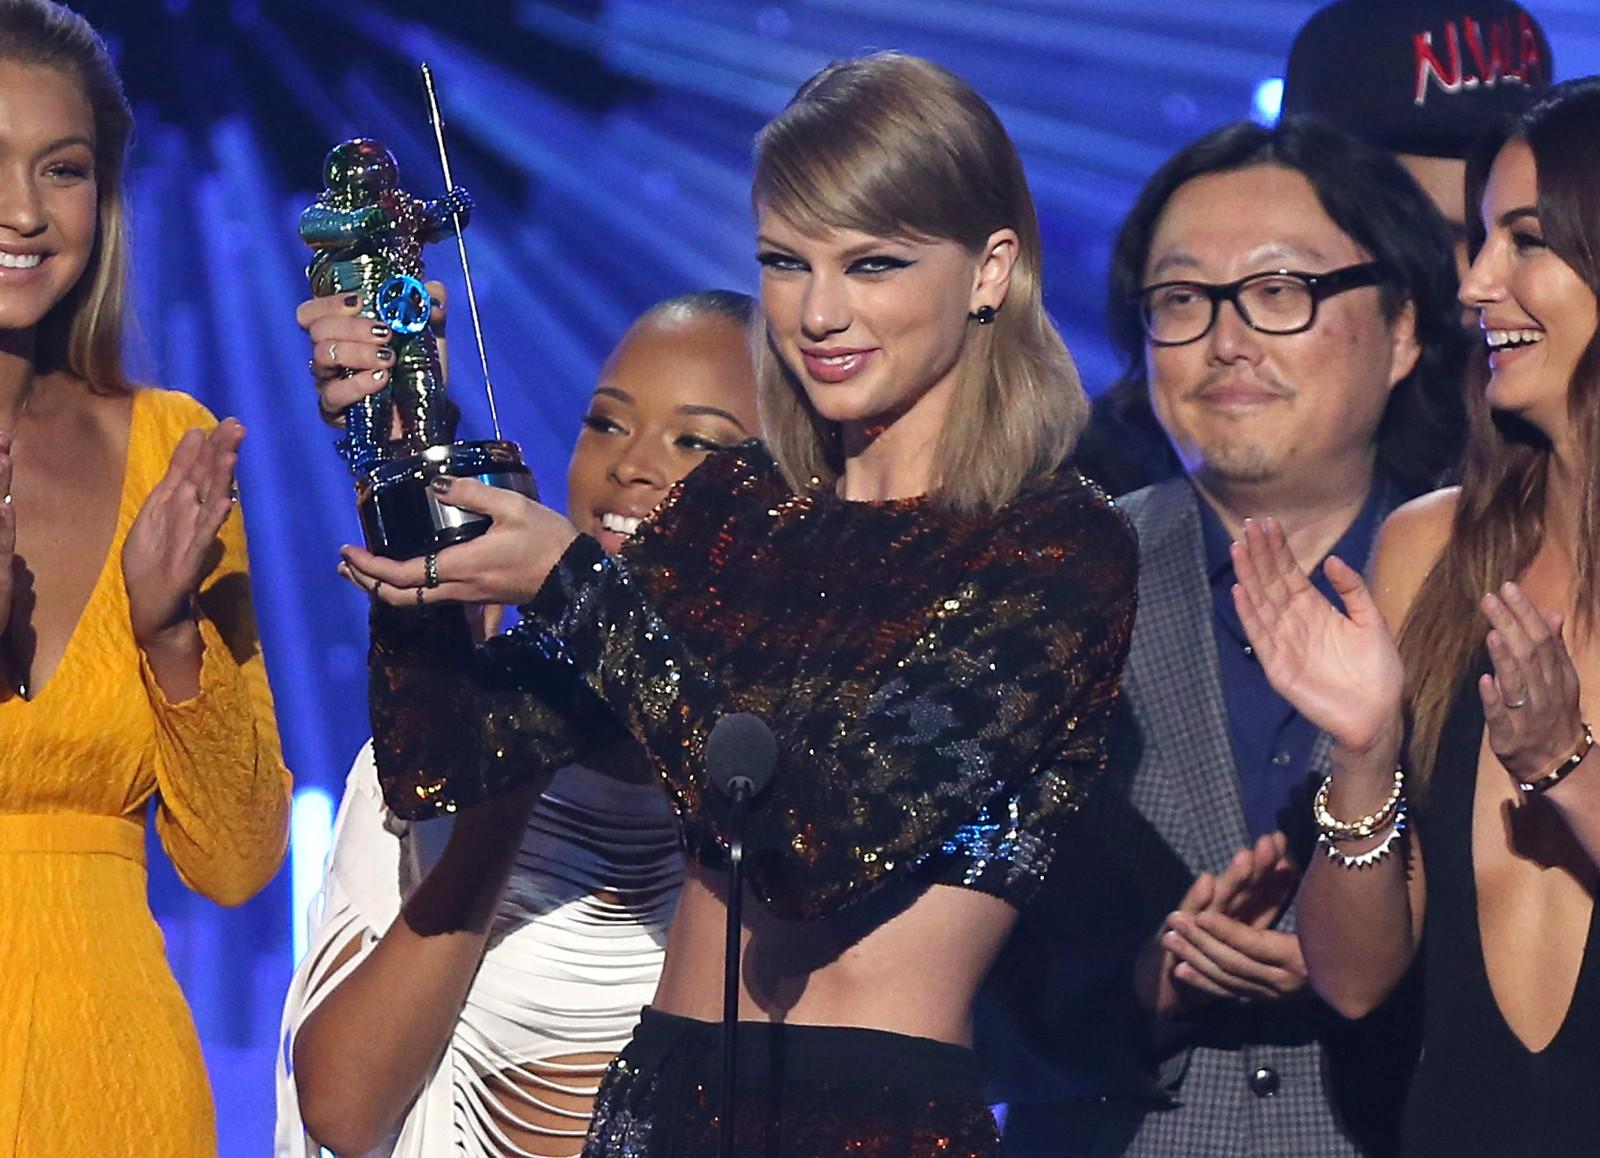 Taylor Swift mottok prisen for årets musikkvideo for «Bad Blood». Swift fikk hele fire priser under årets utdeling.